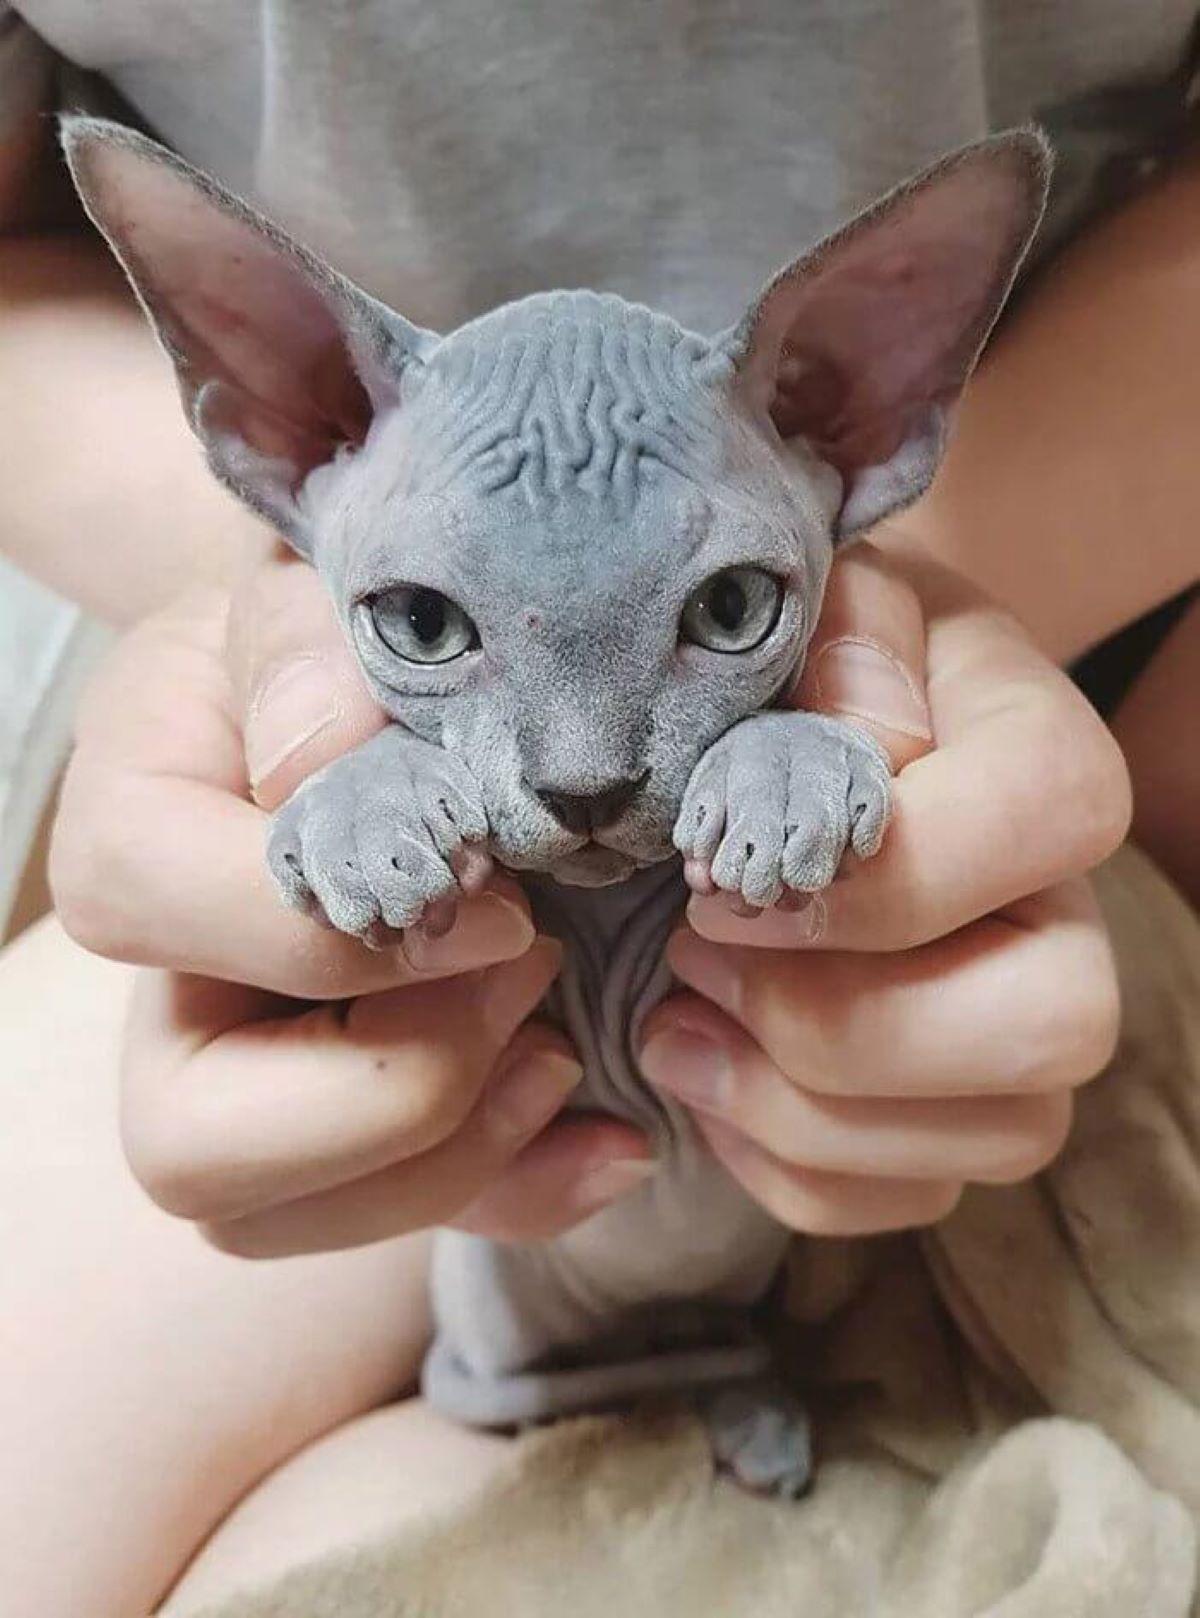 cucciolo-di-gatto-tra-le-mani